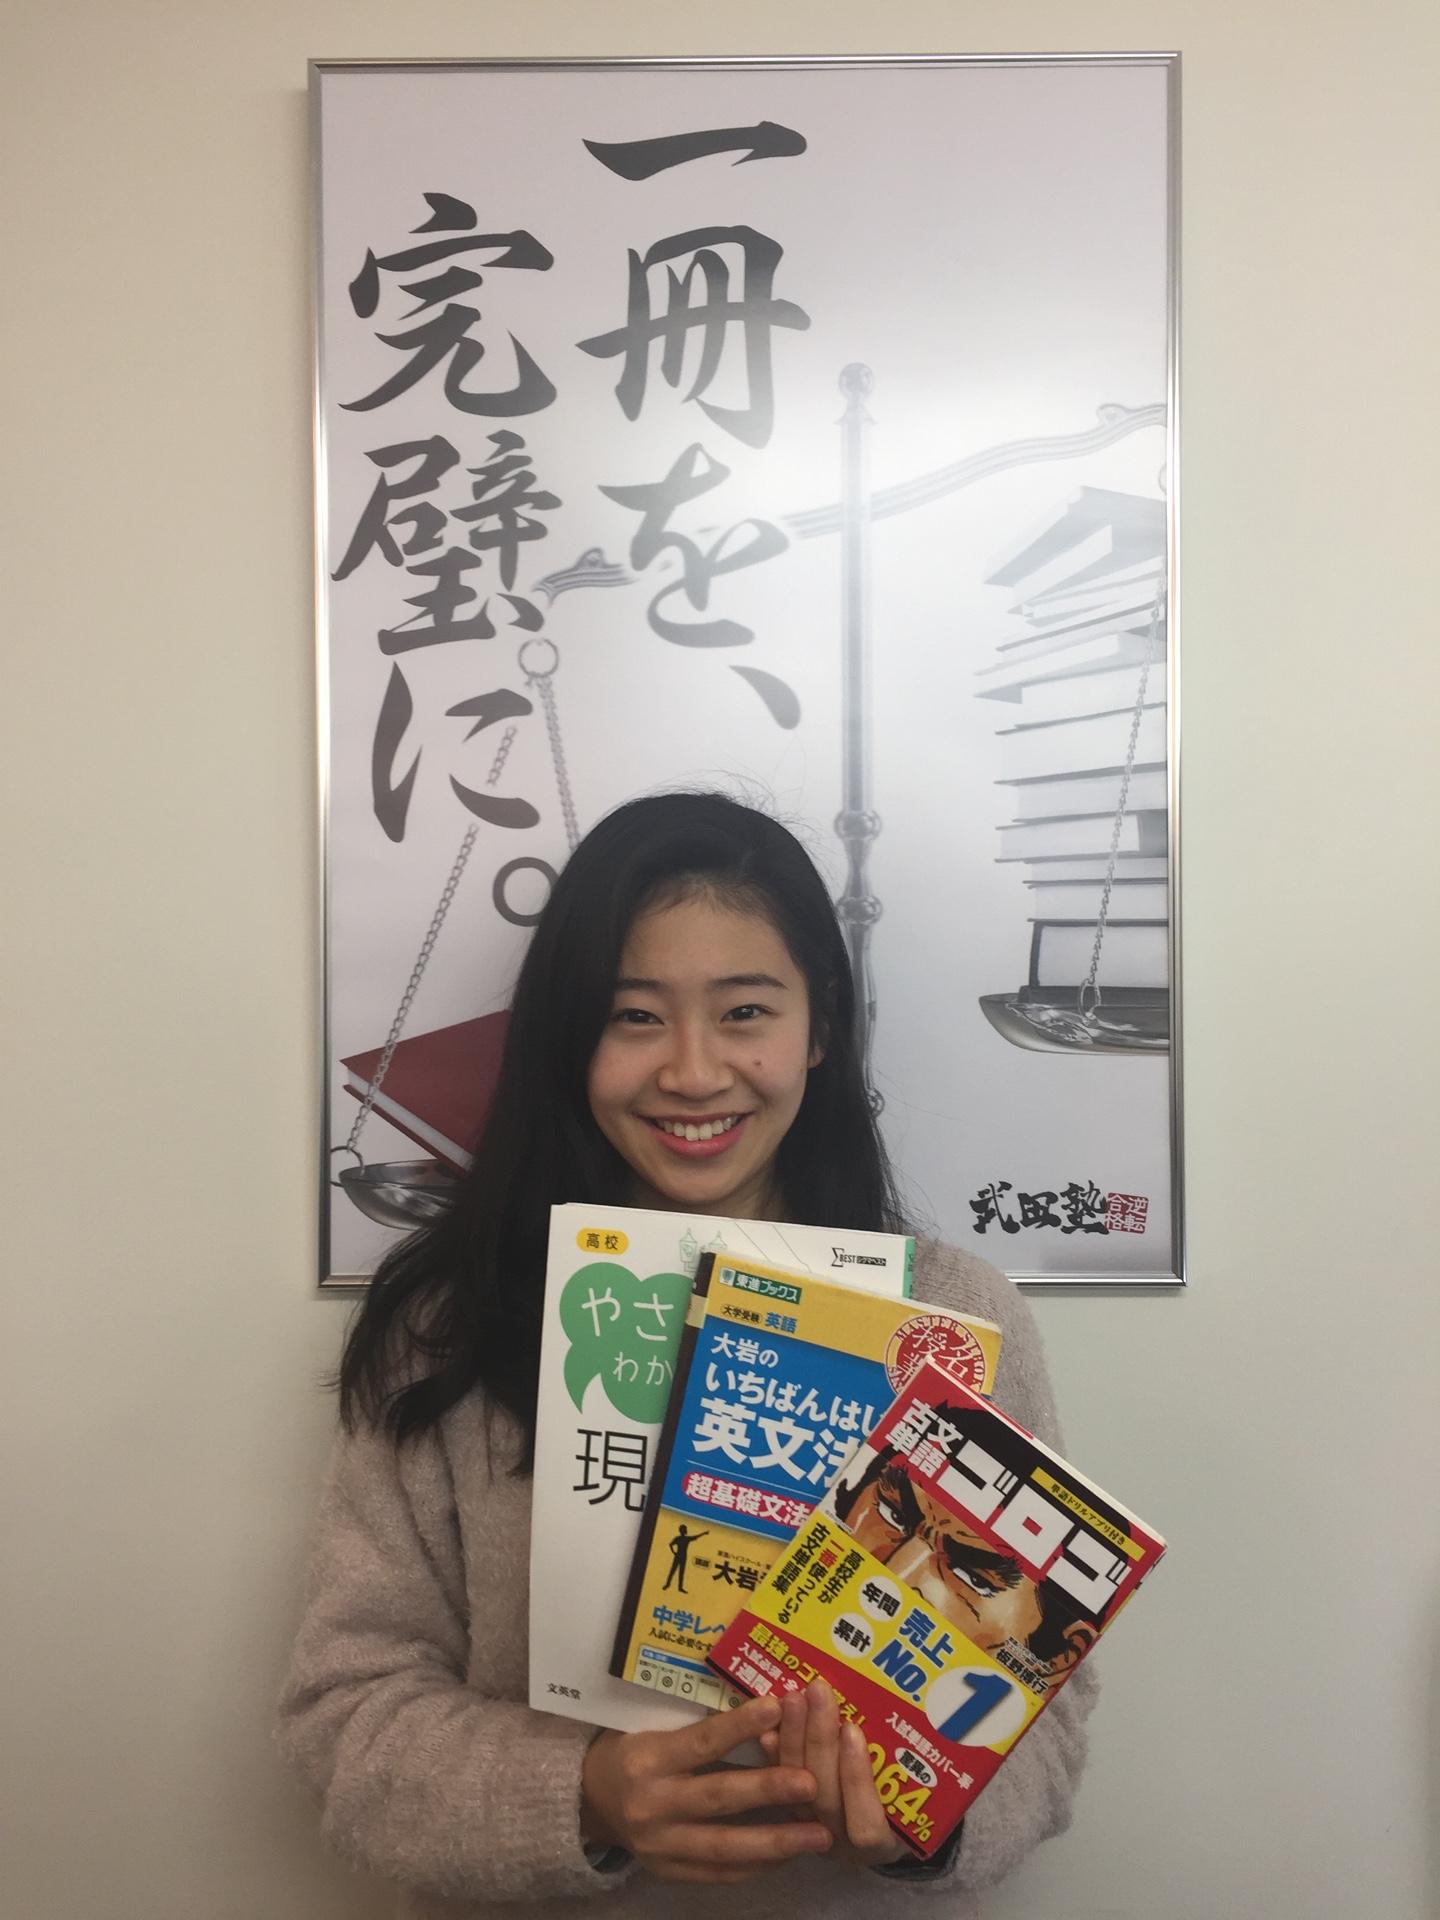 【2018合格速報】神田外国語大学に合格しました!